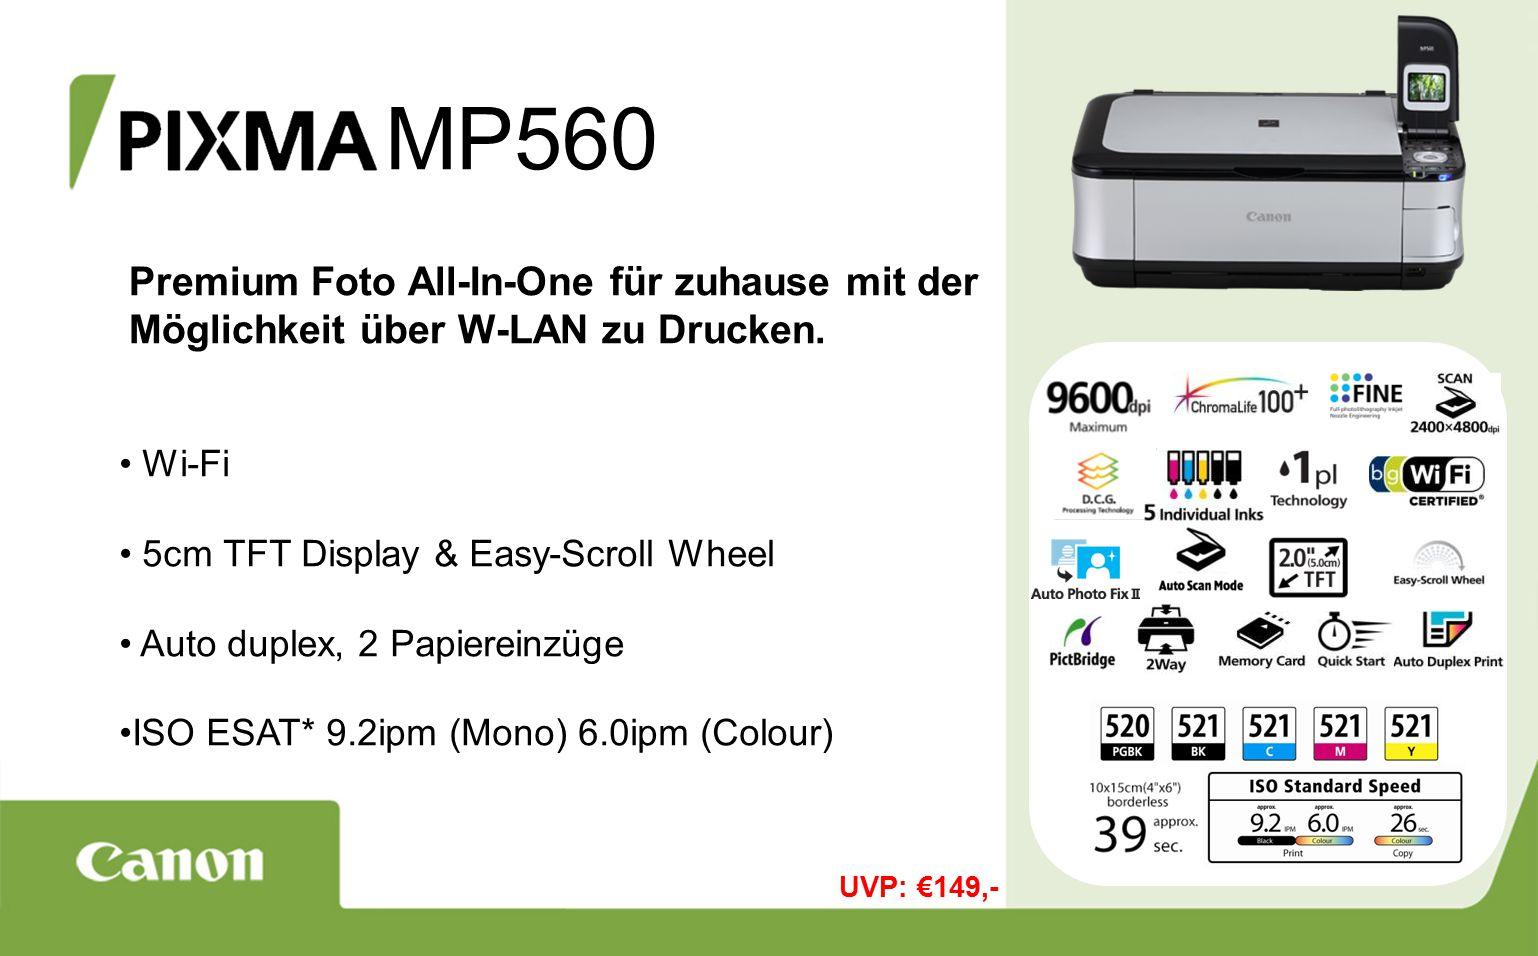 MP560 Premium Foto All-In-One für zuhause mit der Möglichkeit über W-LAN zu Drucken.